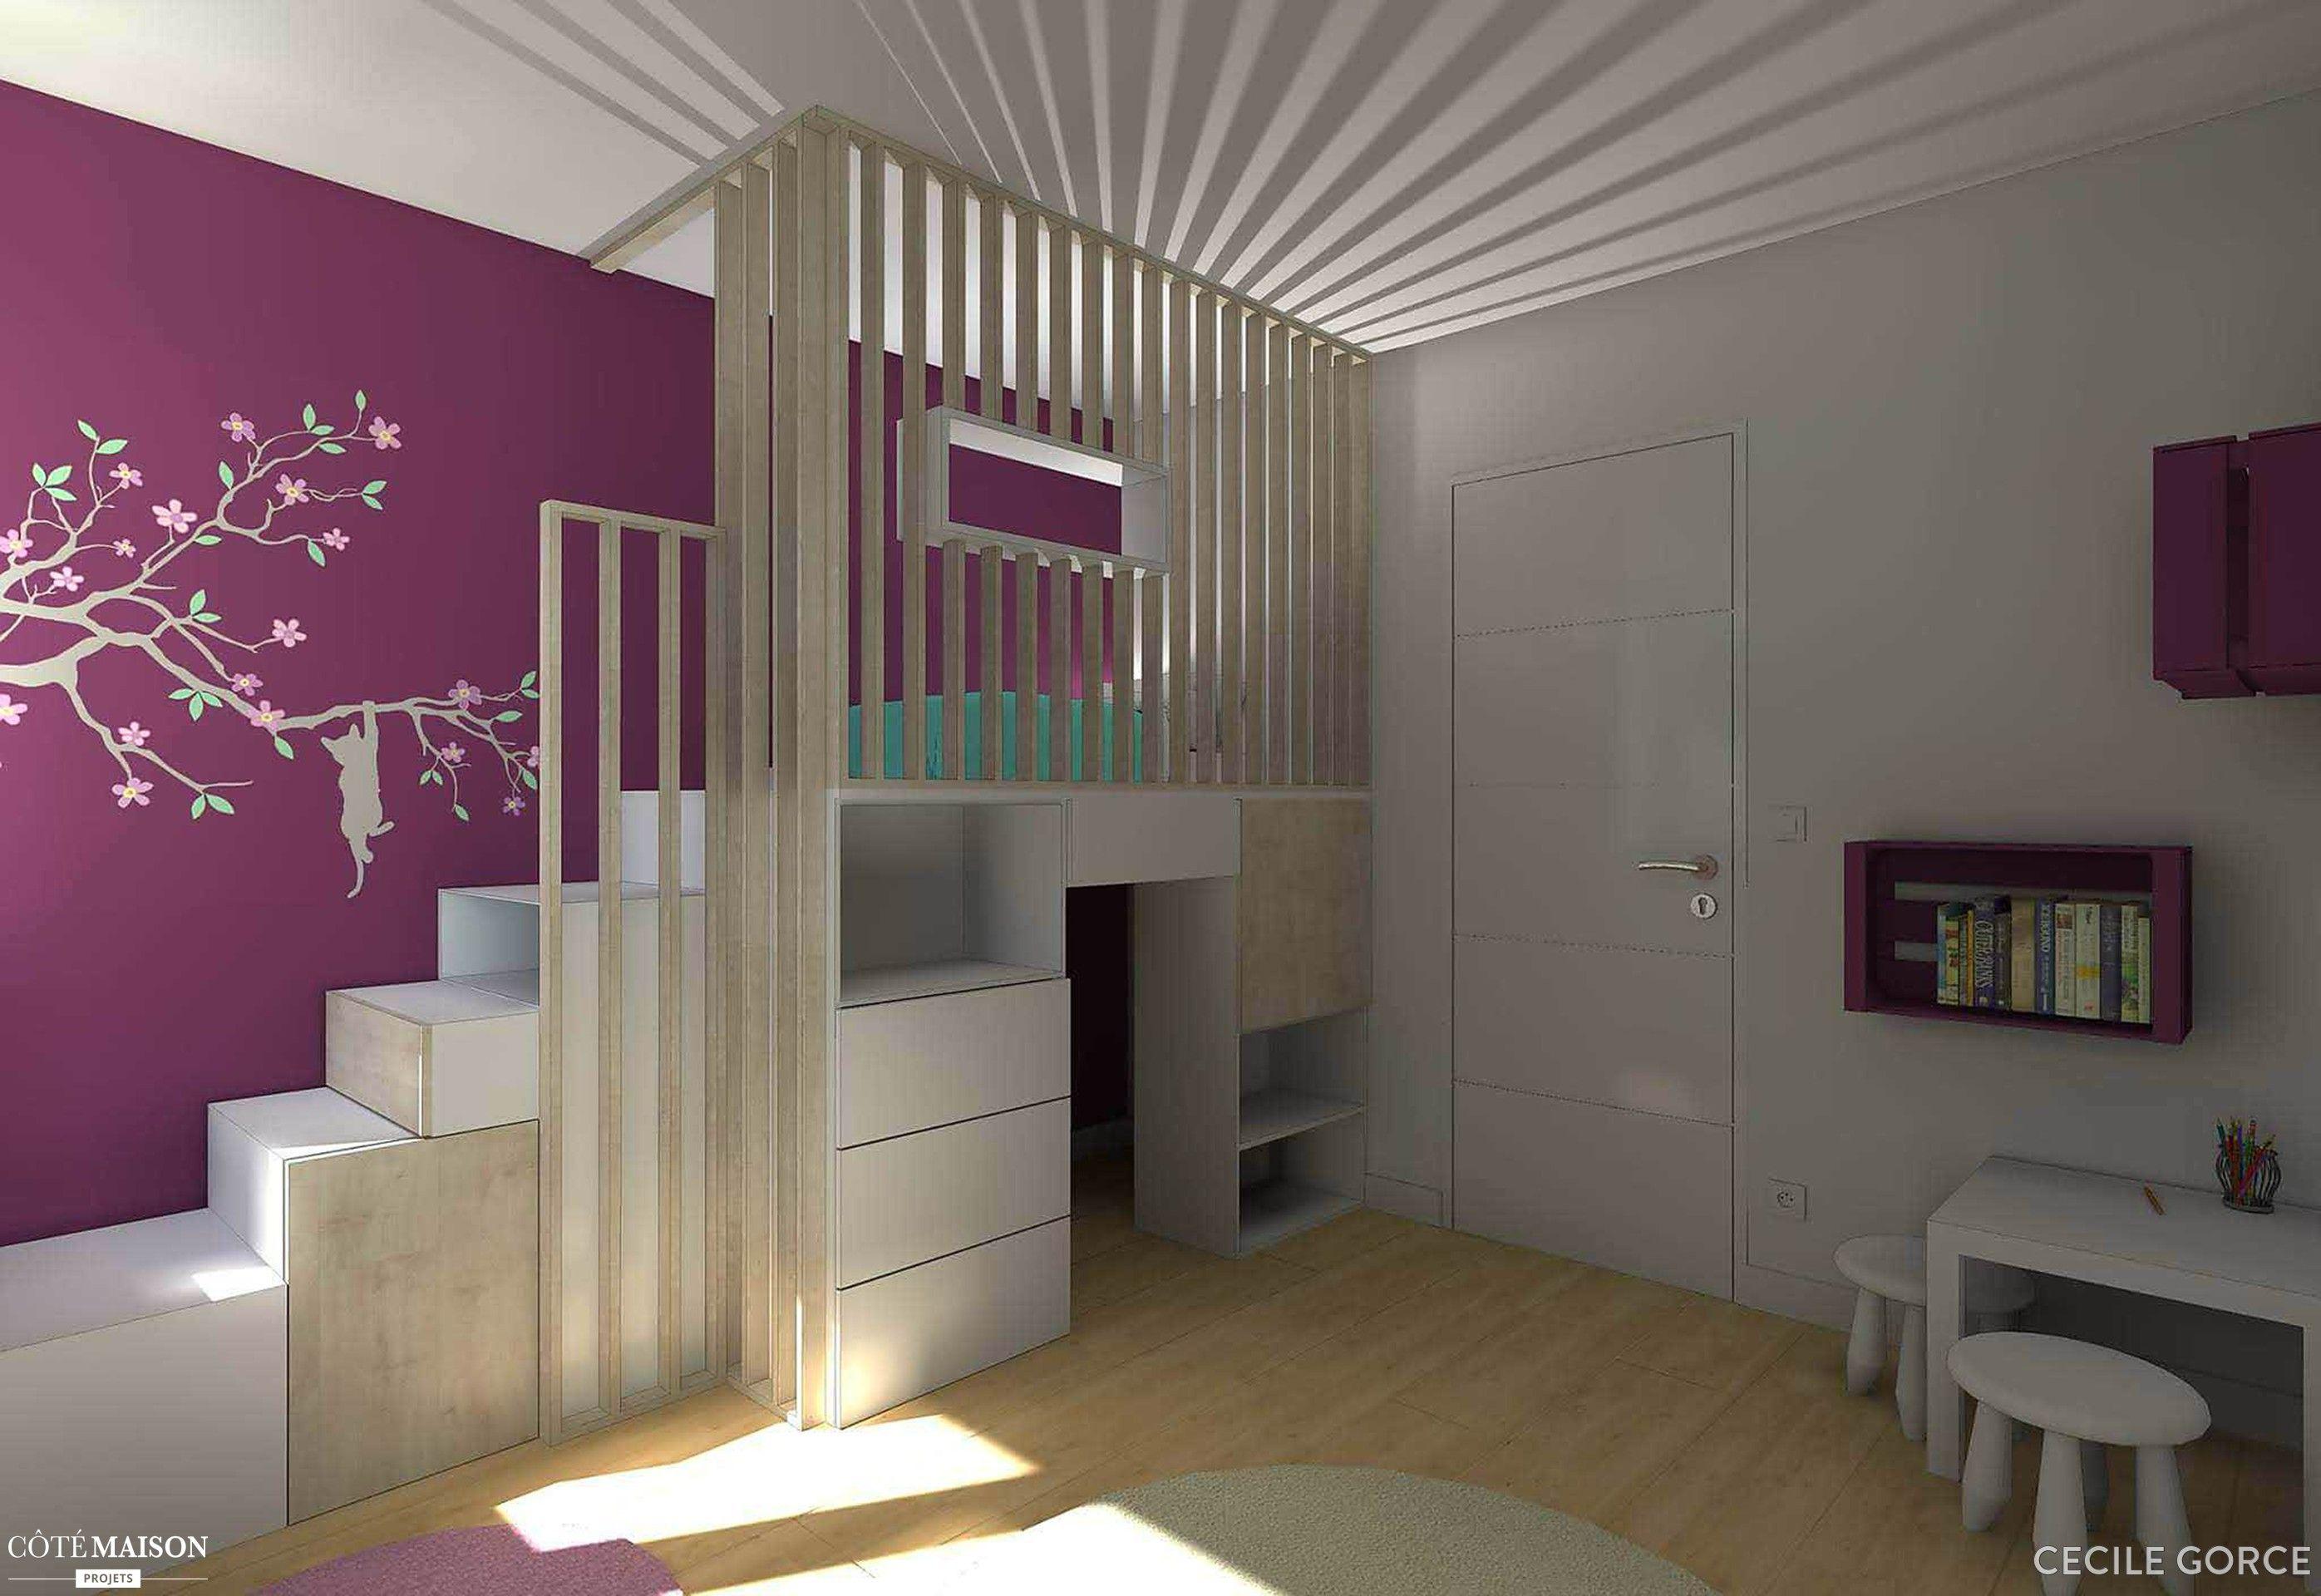 Attrayant Chambre Du0027enfant, Tours, Cécile Gorce   Architecte Du0027intérieur Conception Etonnante